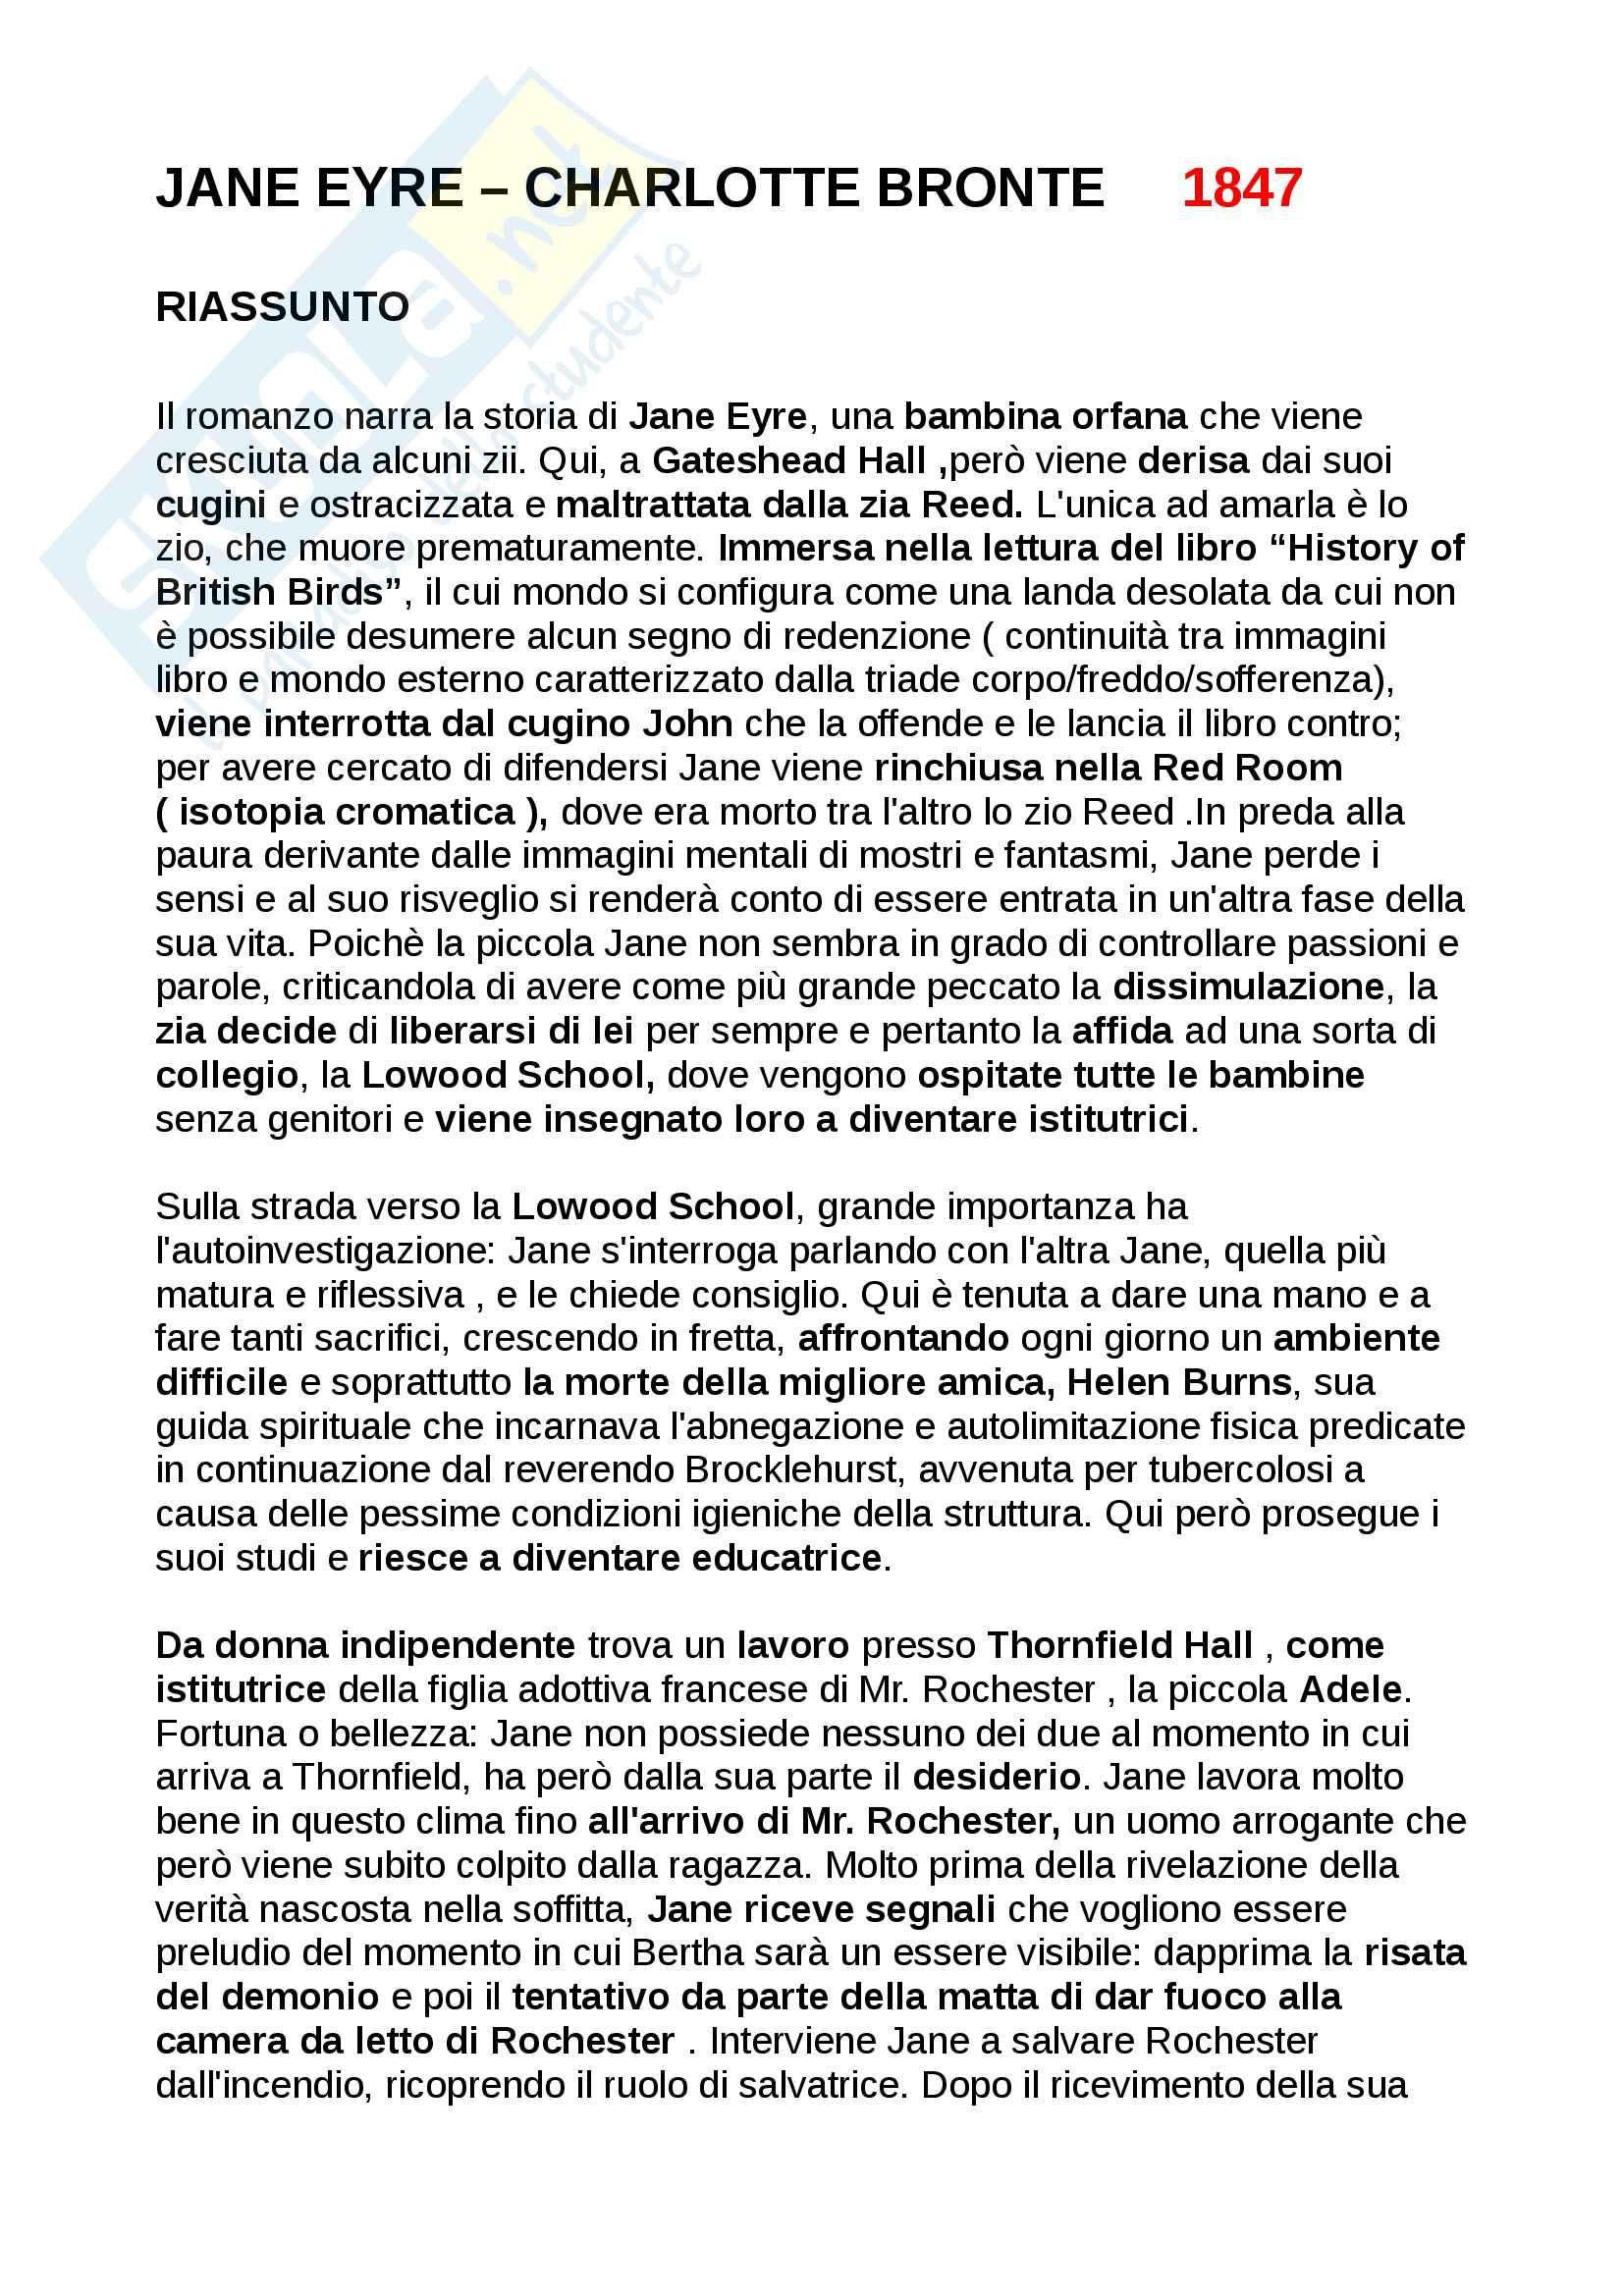 Jane Eyre riassunto + analisi sintetica e completa di ogni aspetto + Riassunto Charlotte Bronte